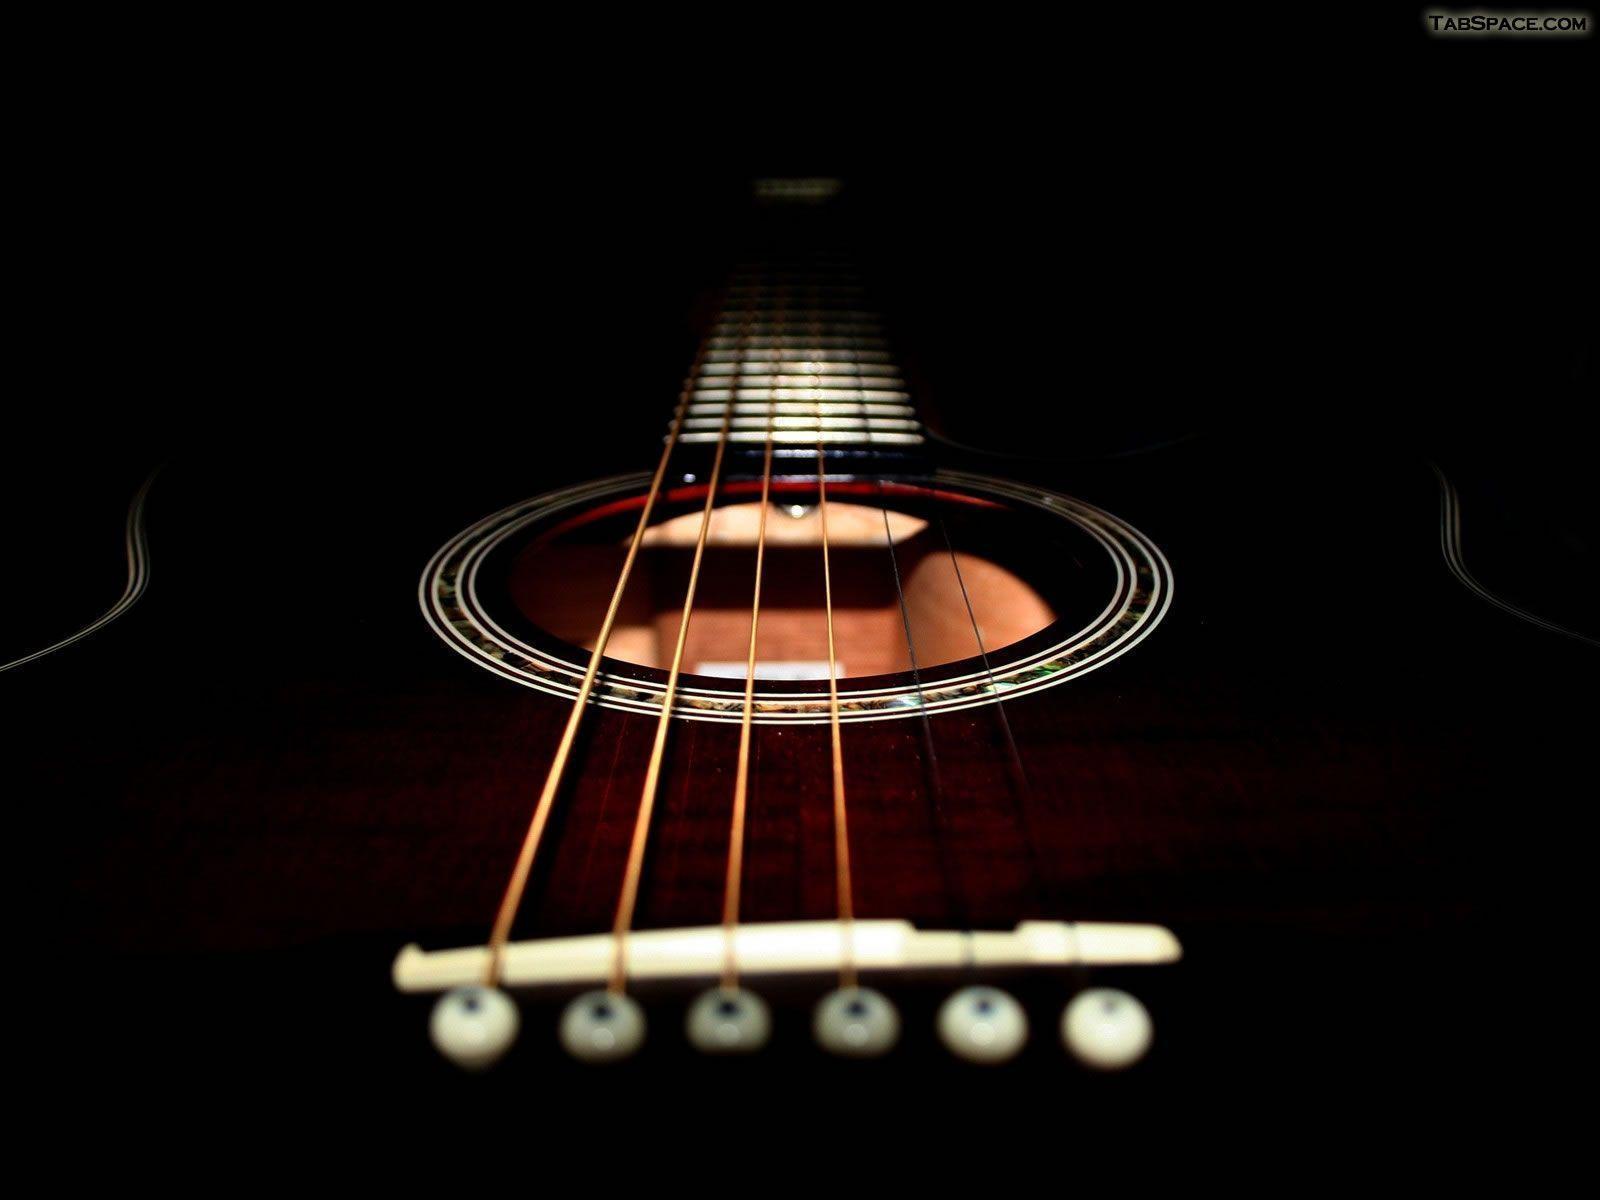 Guitar Wallpaper Background 21609 HD Pictures | Best Desktop ...